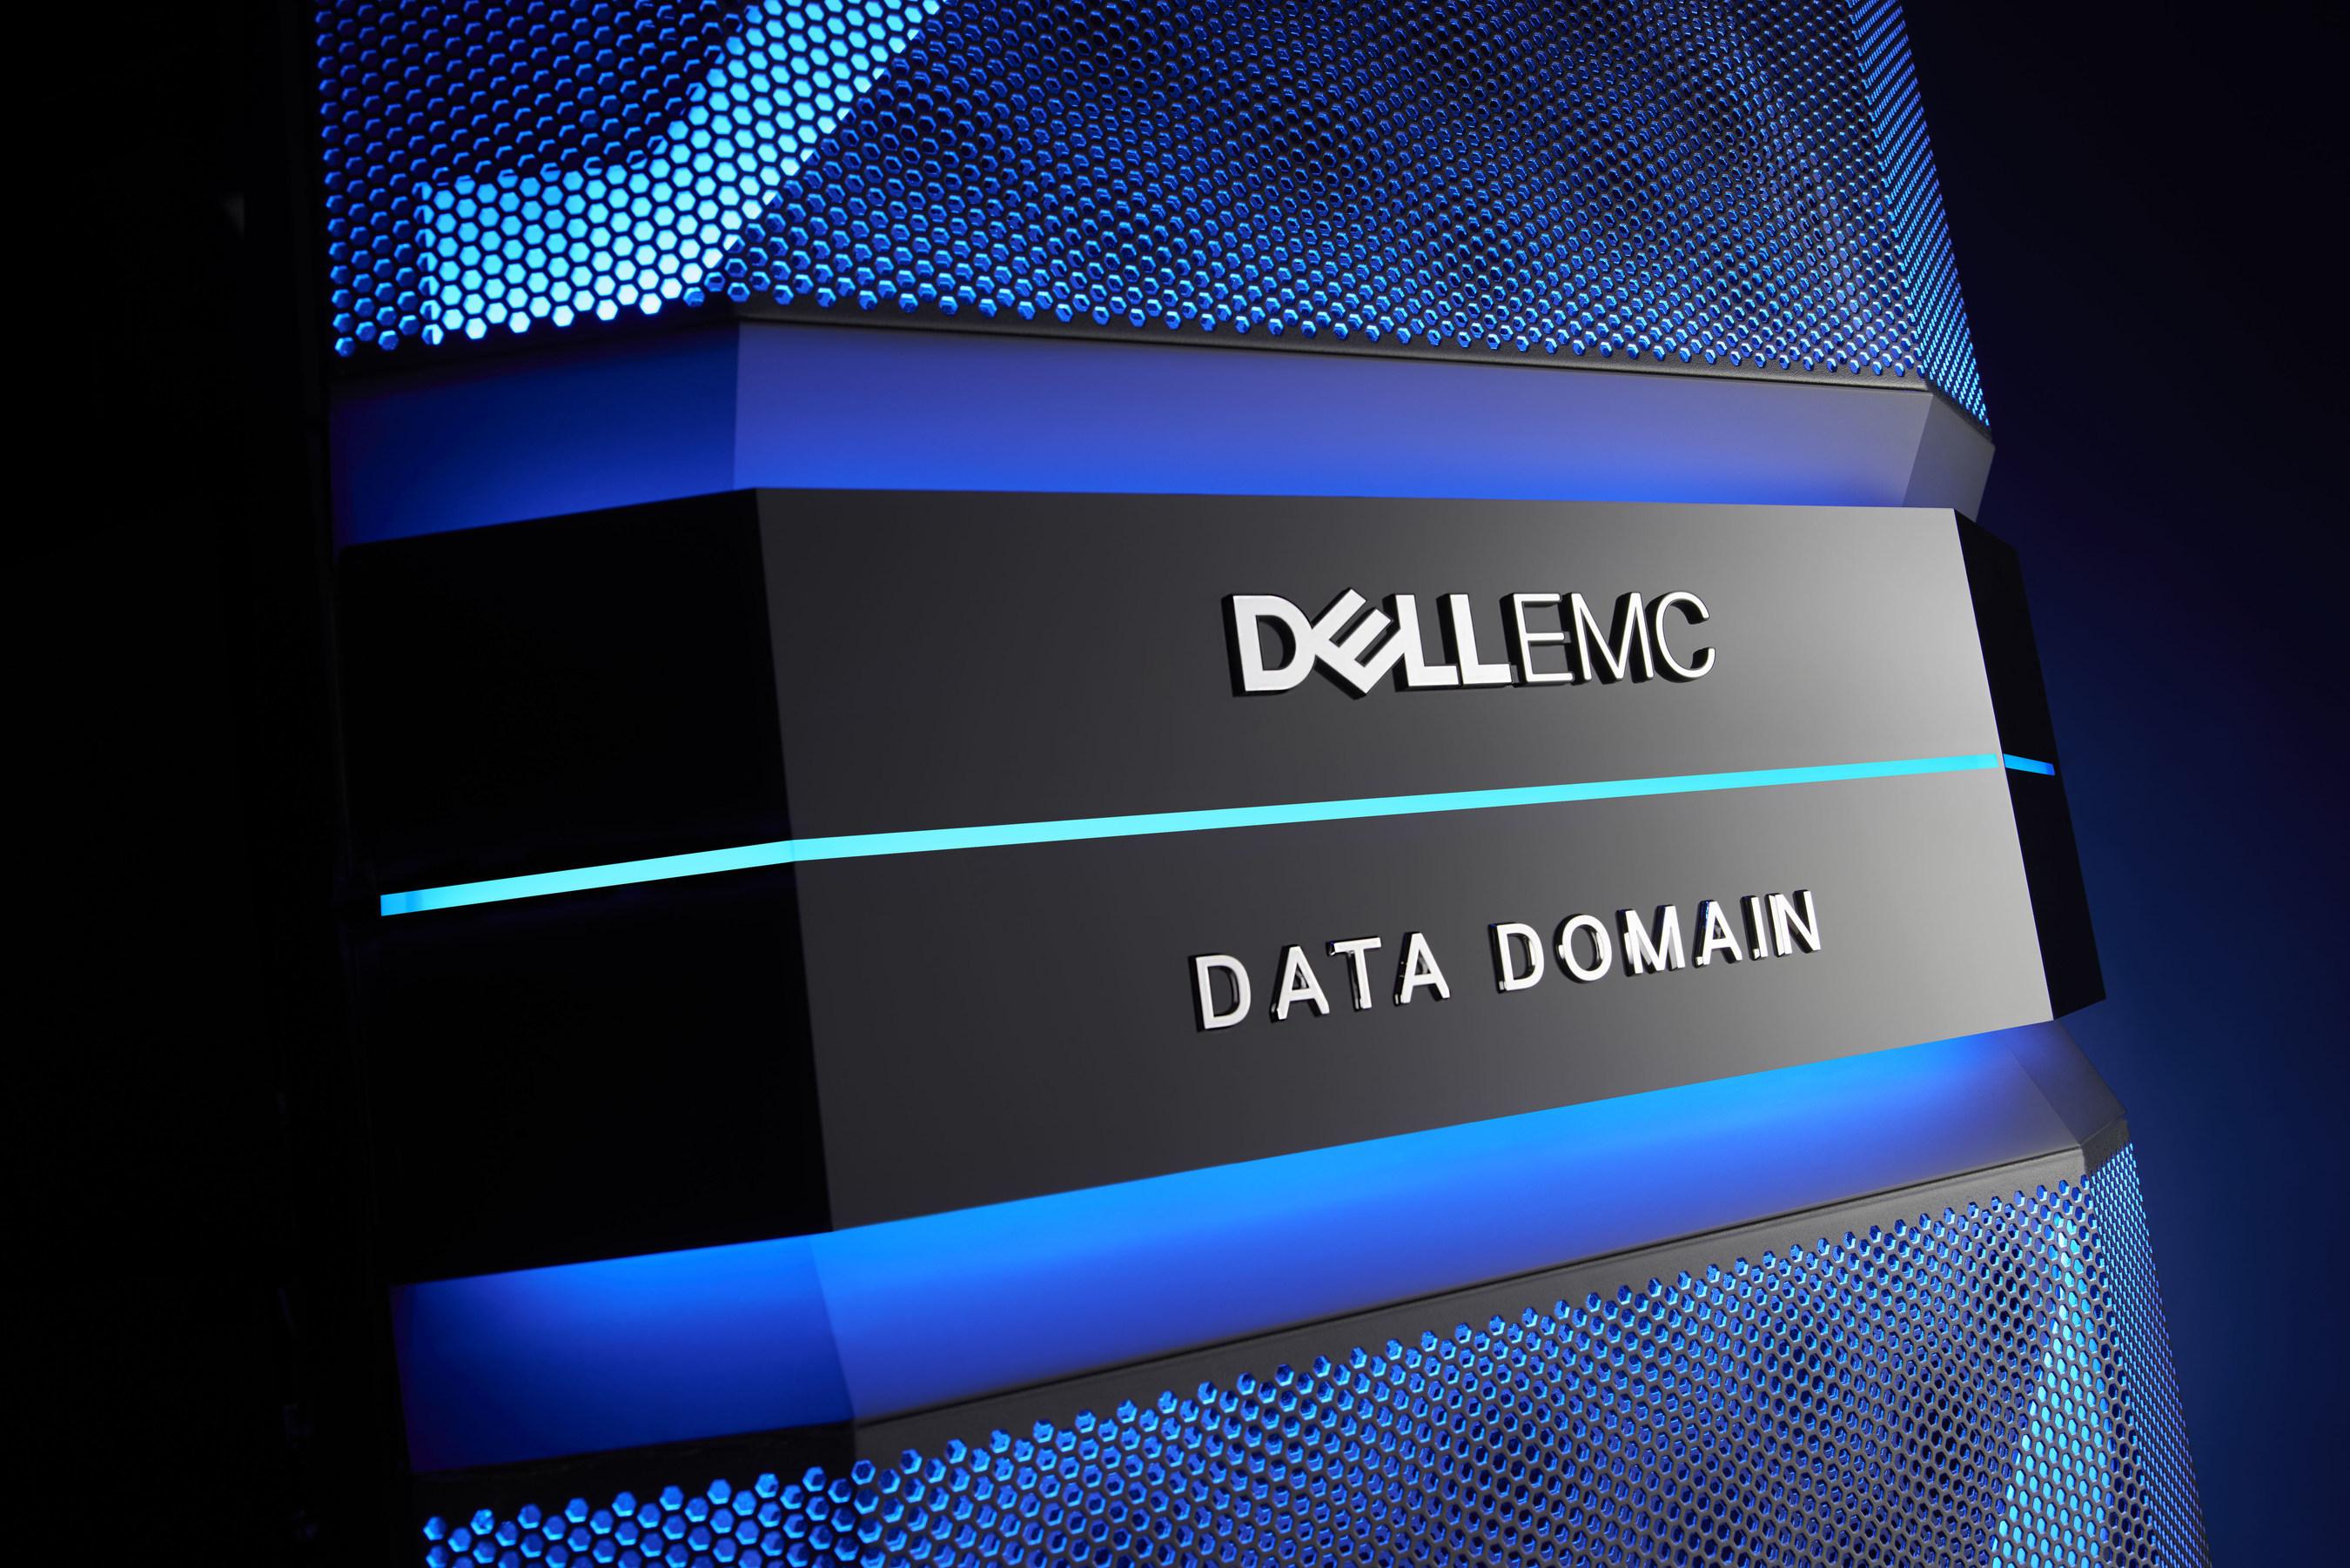 Dell EMC amplia le funzionalità di protezione dati